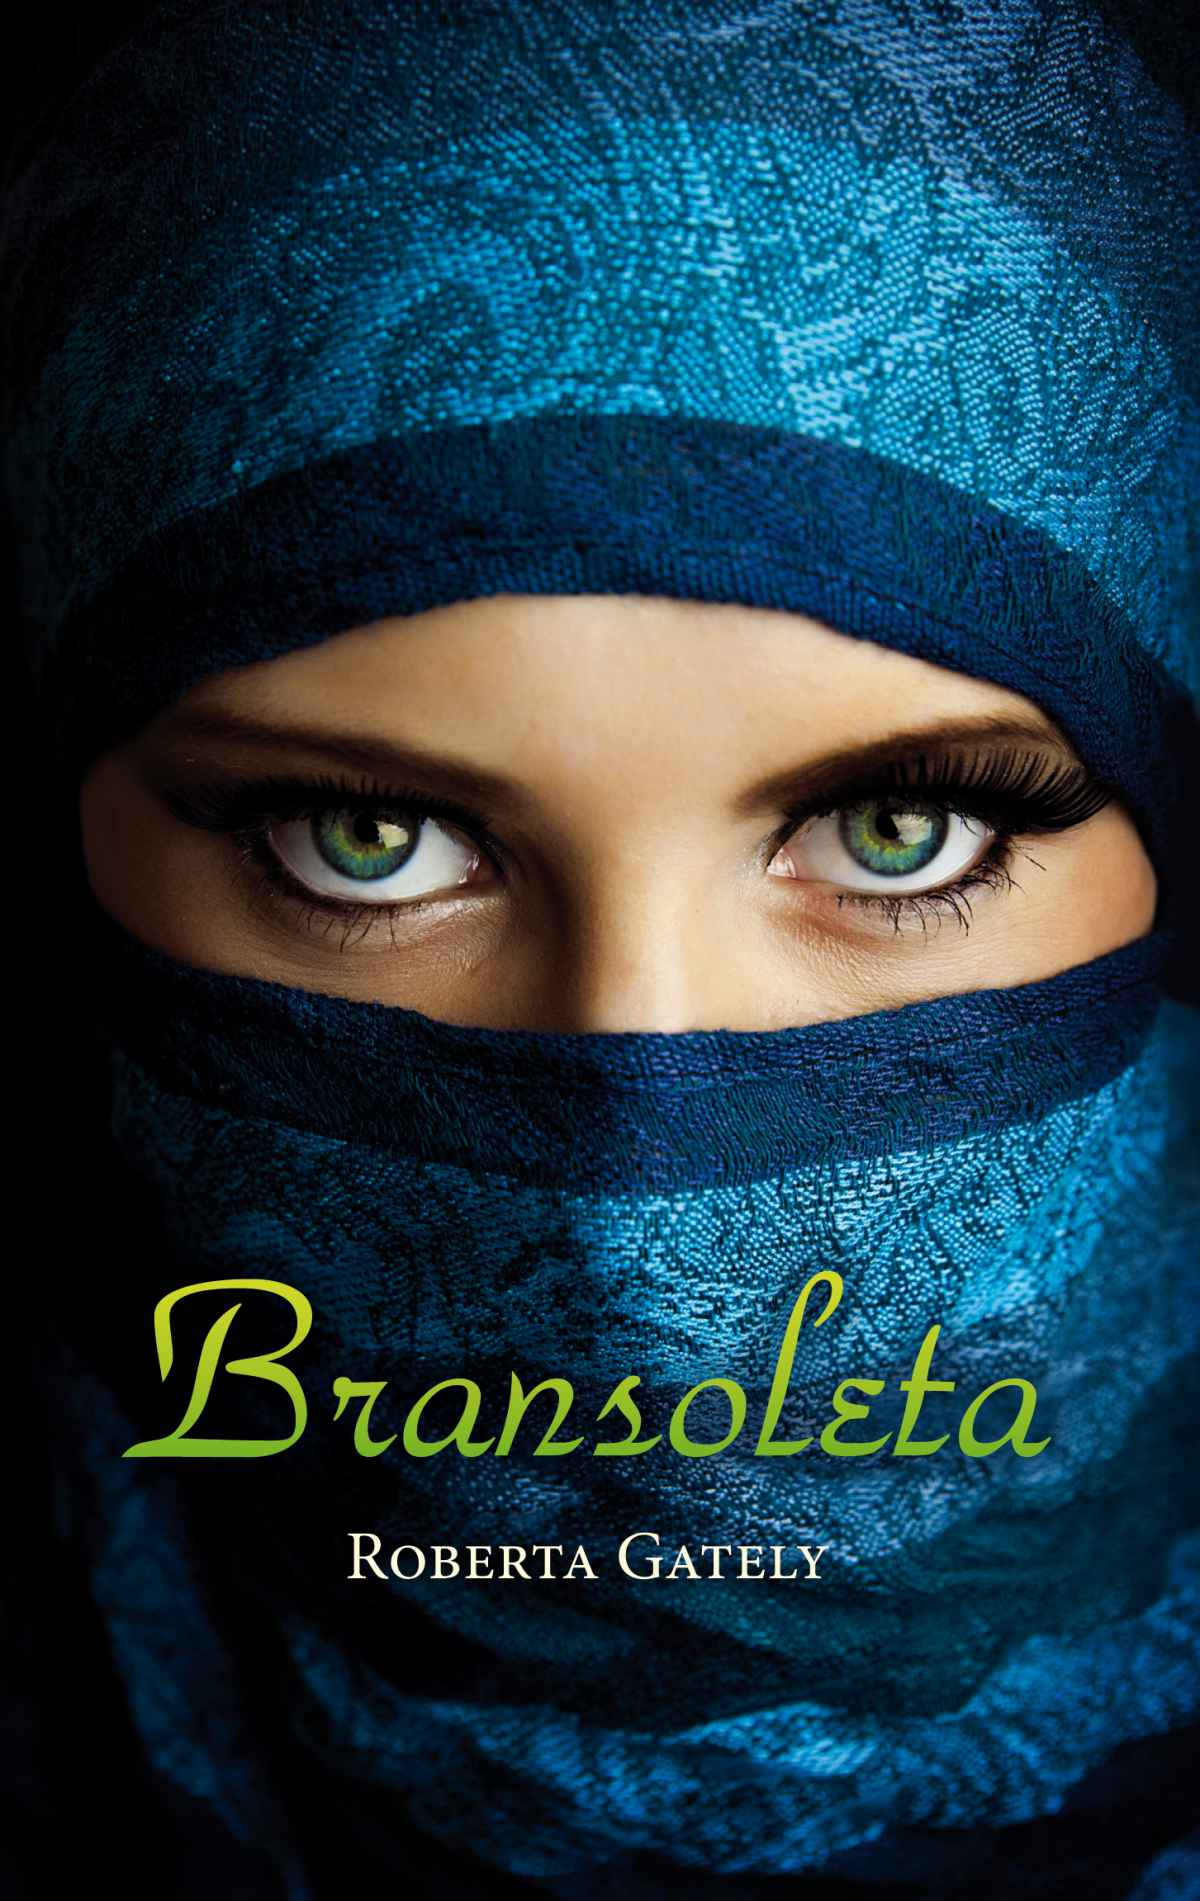 Bransoleta - Ebook (Książka EPUB) do pobrania w formacie EPUB